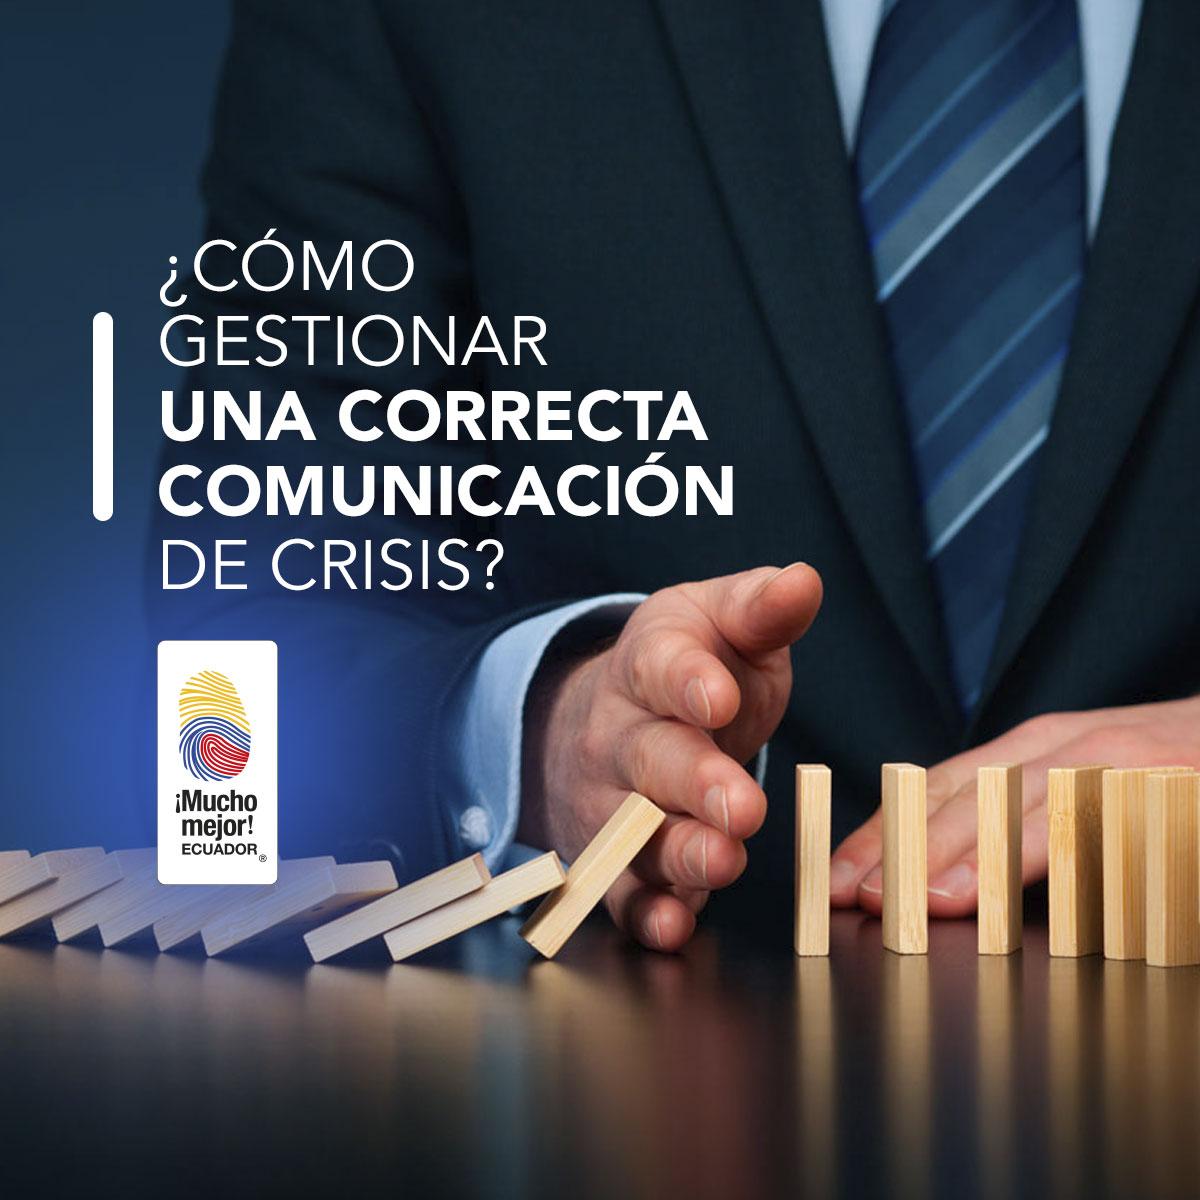 ¿Cómo gestionar una correcta comunicación de crisis?